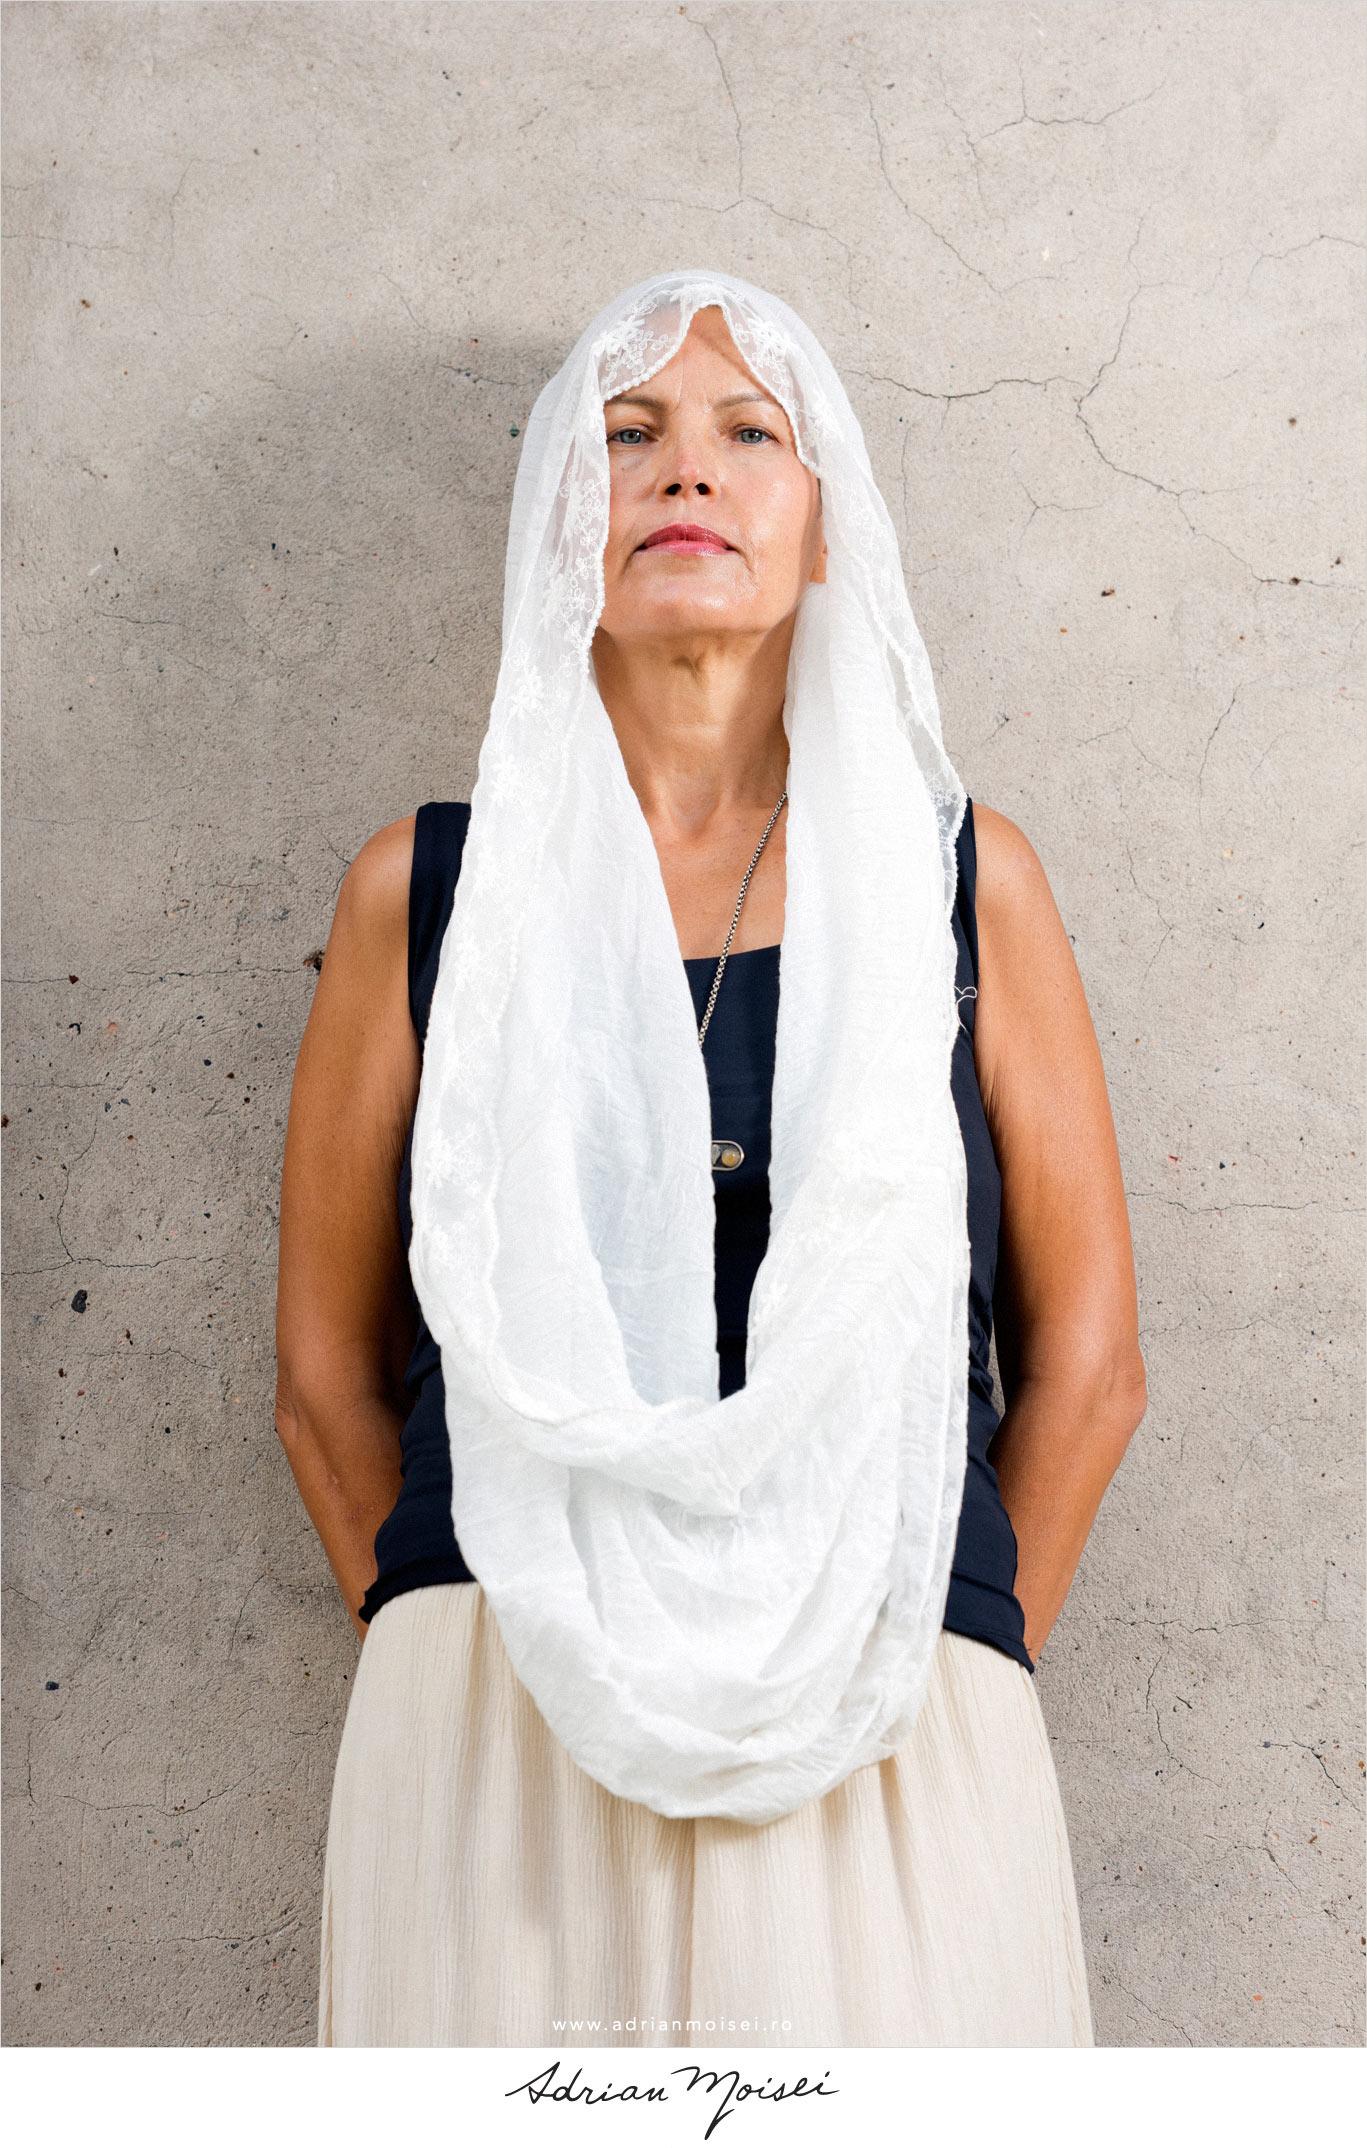 Fotografie de fashion Iasi realizată de Adrian Moisei, la mănăstire, fotografie în natură